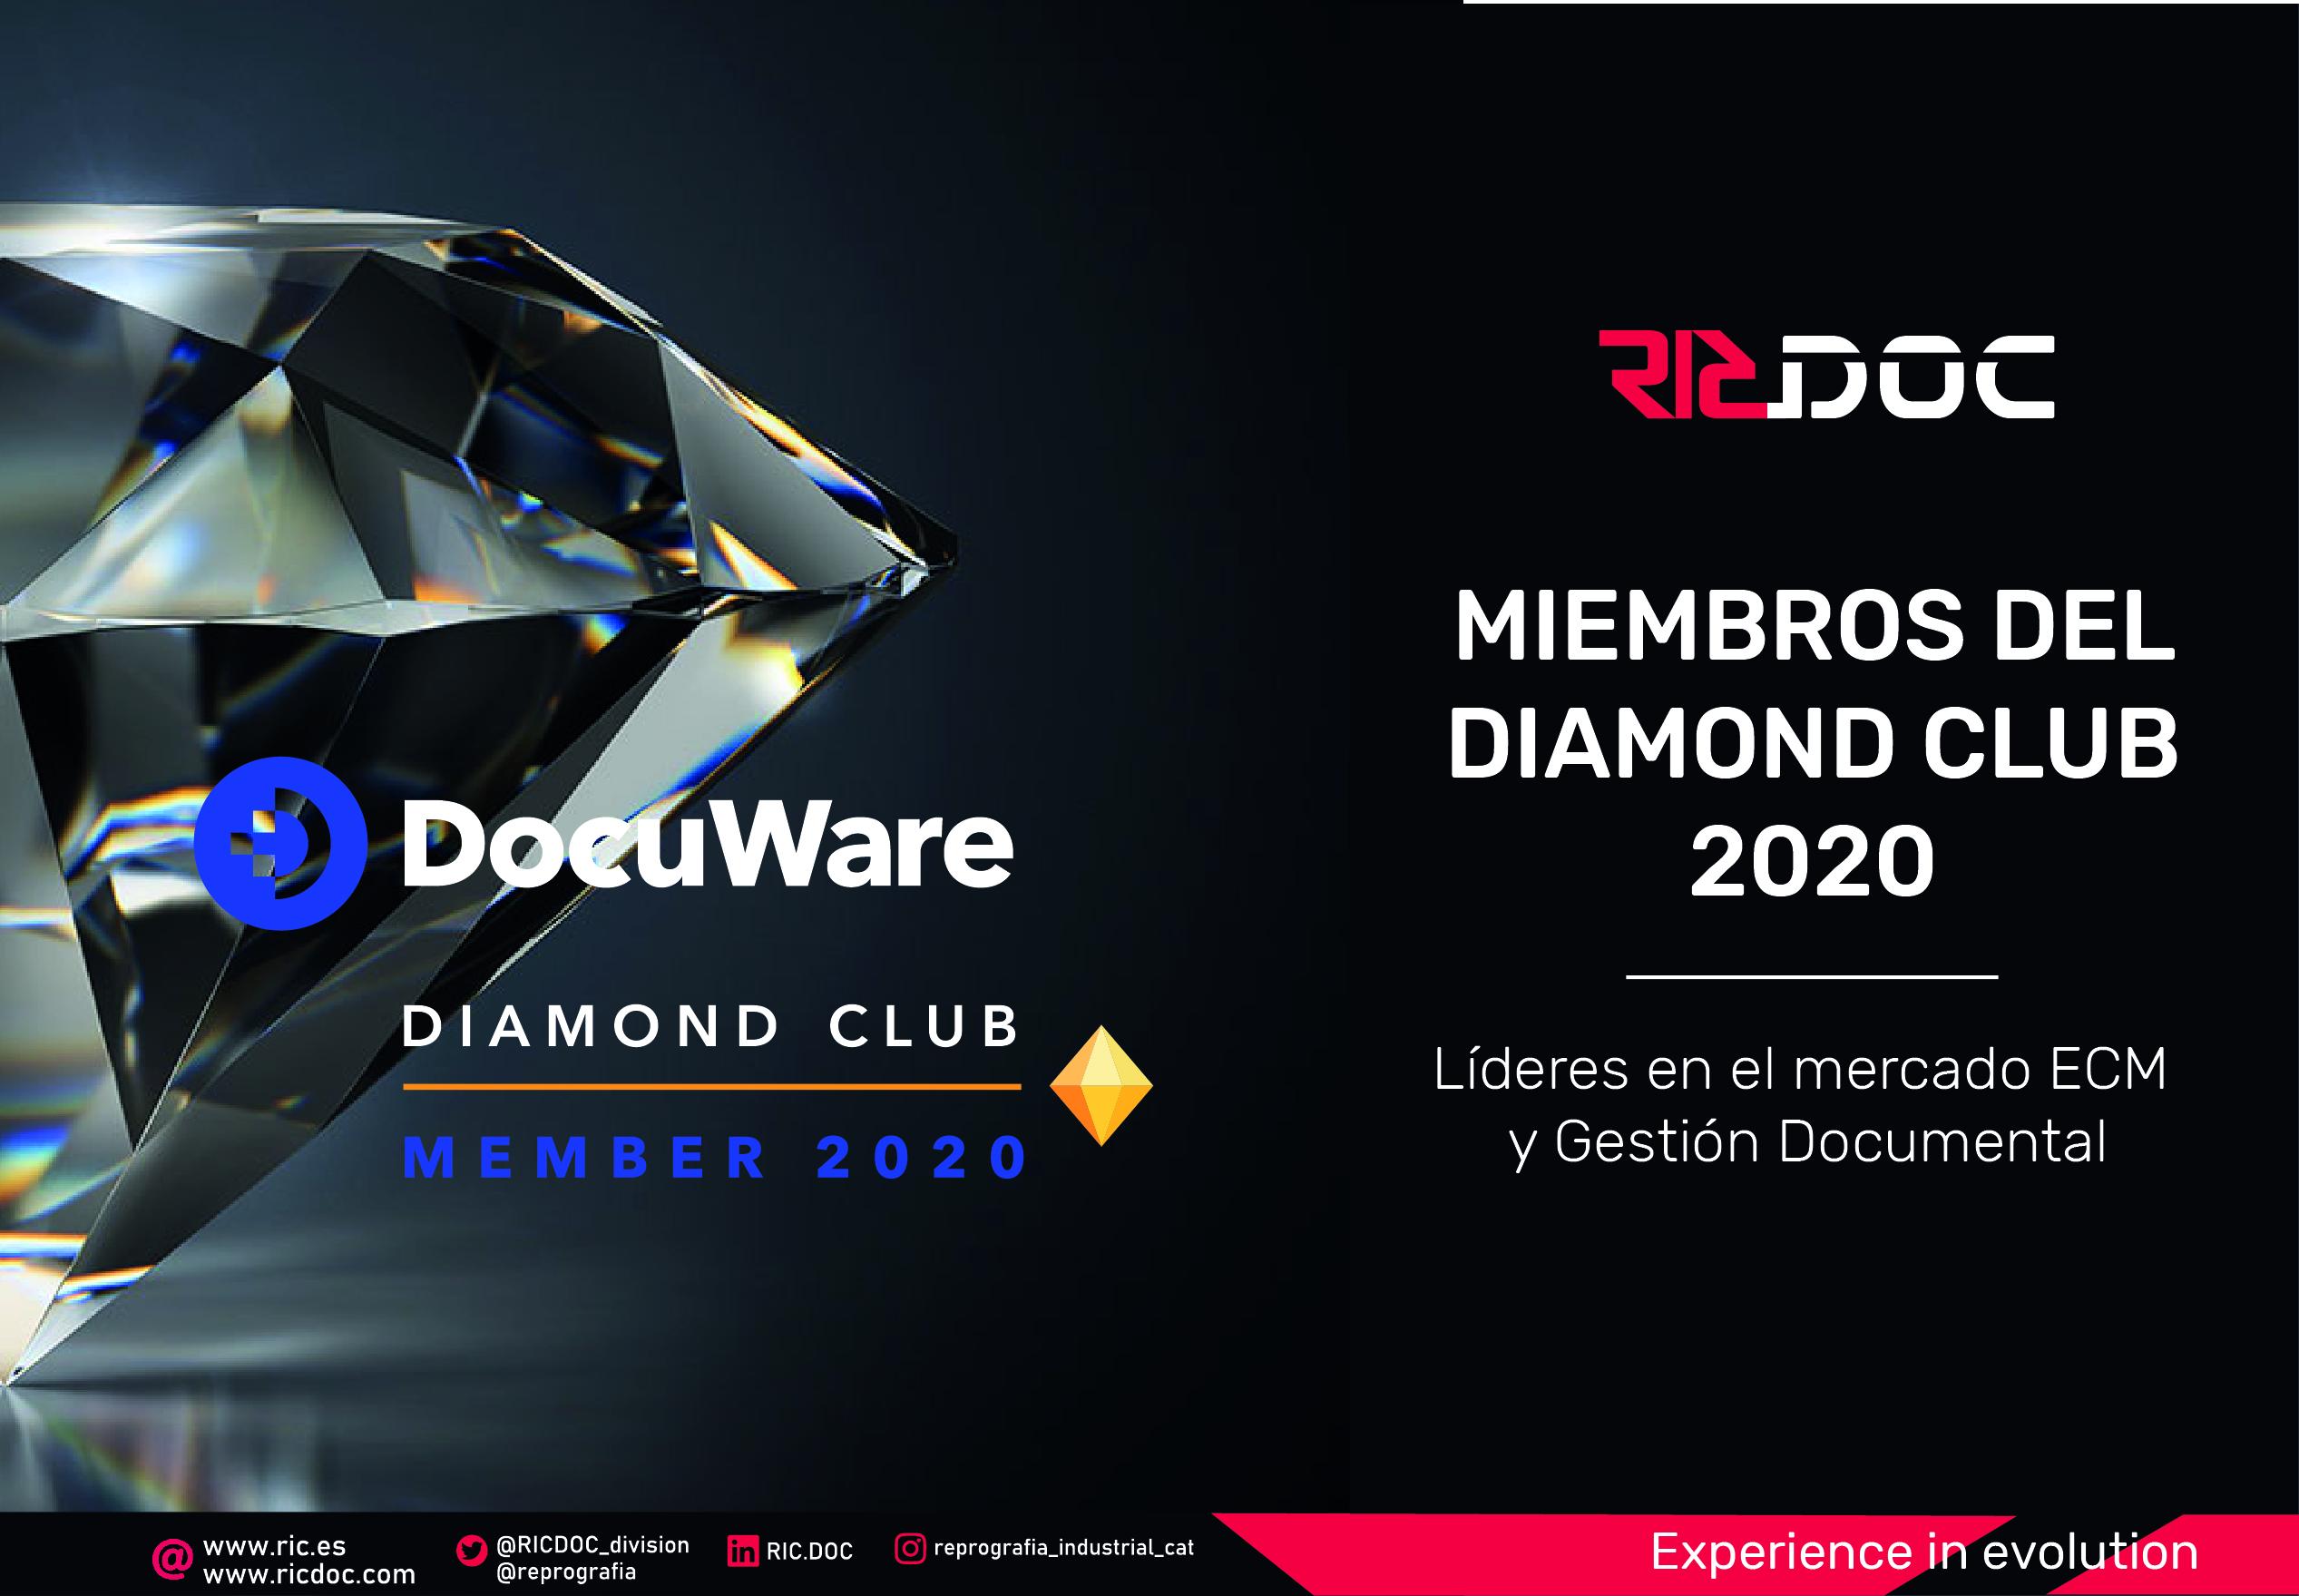 RICDOC ENTRA EN LA CATEGORÍA DIAMOND CLUB PARTNER 2020 DE DOCUWARE